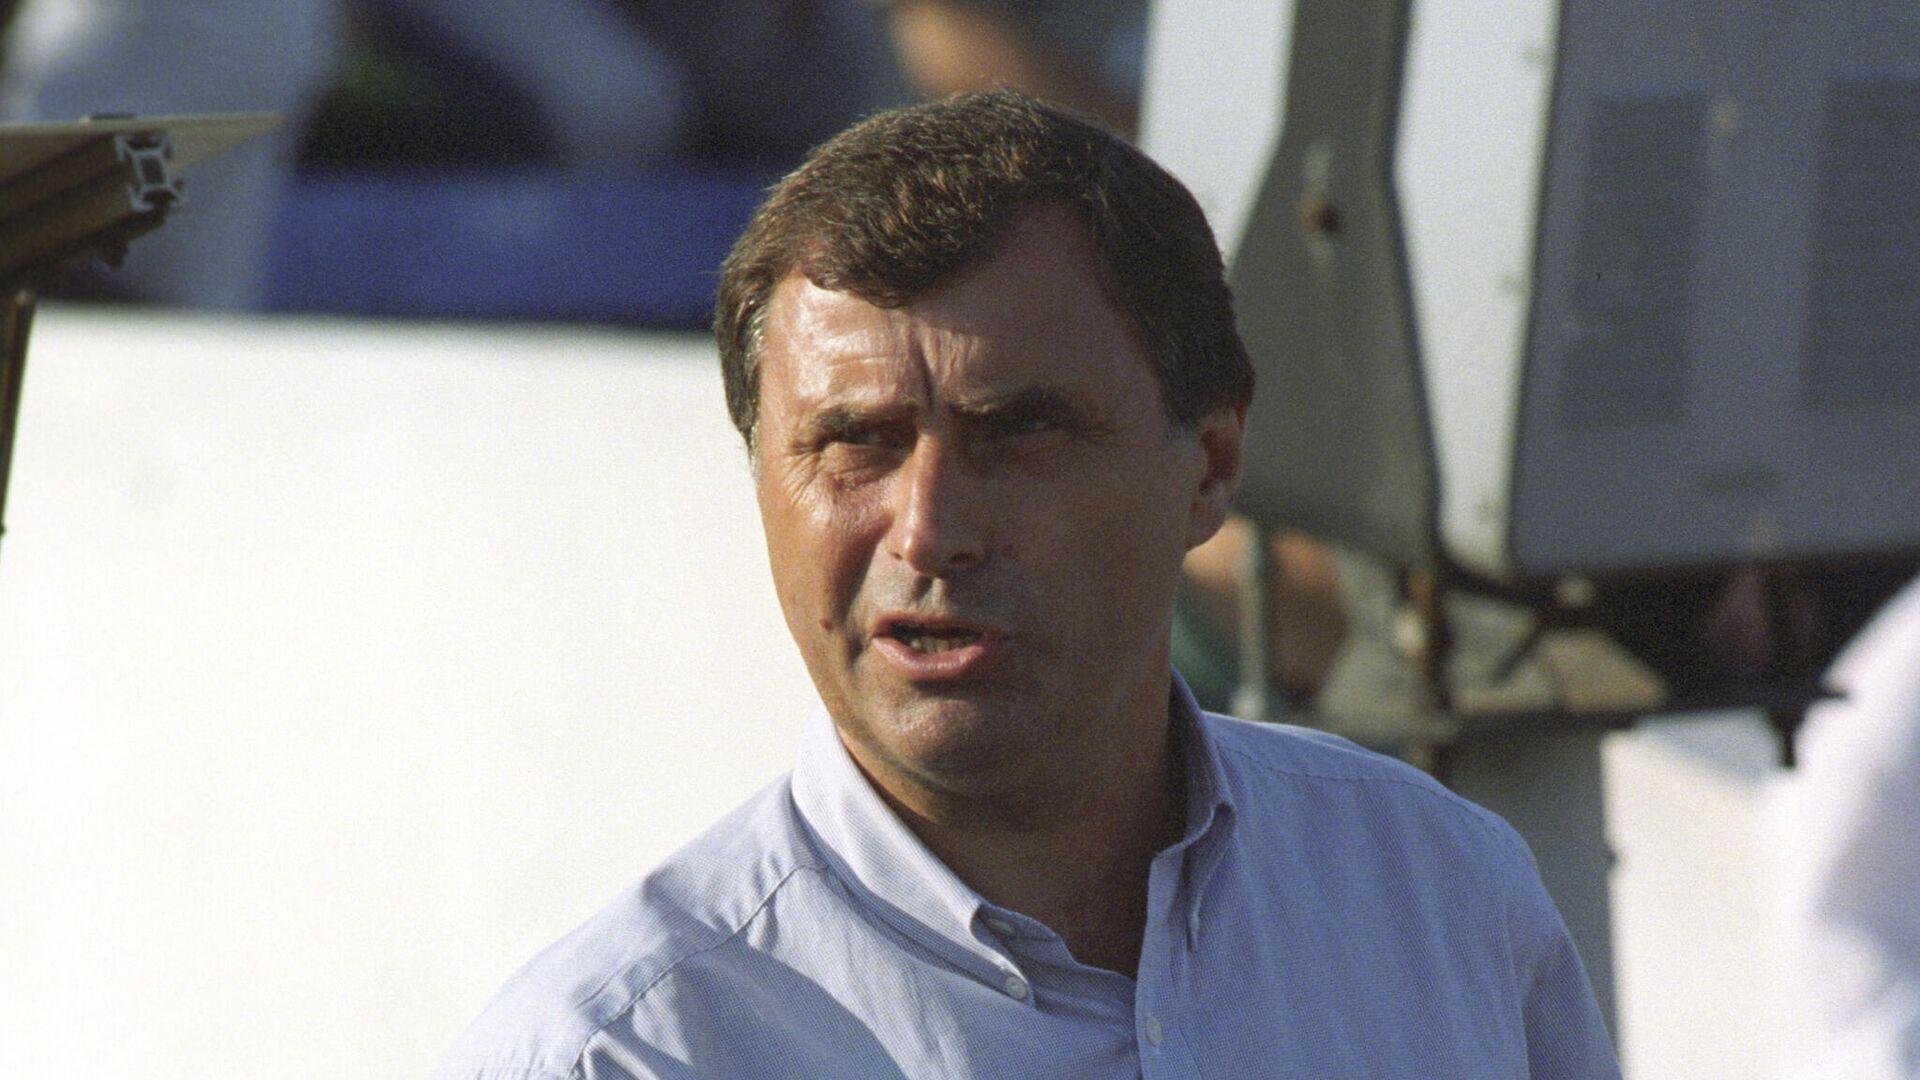 Анатолий Бышовец, 1997 год - РИА Новости, 1920, 14.06.2021